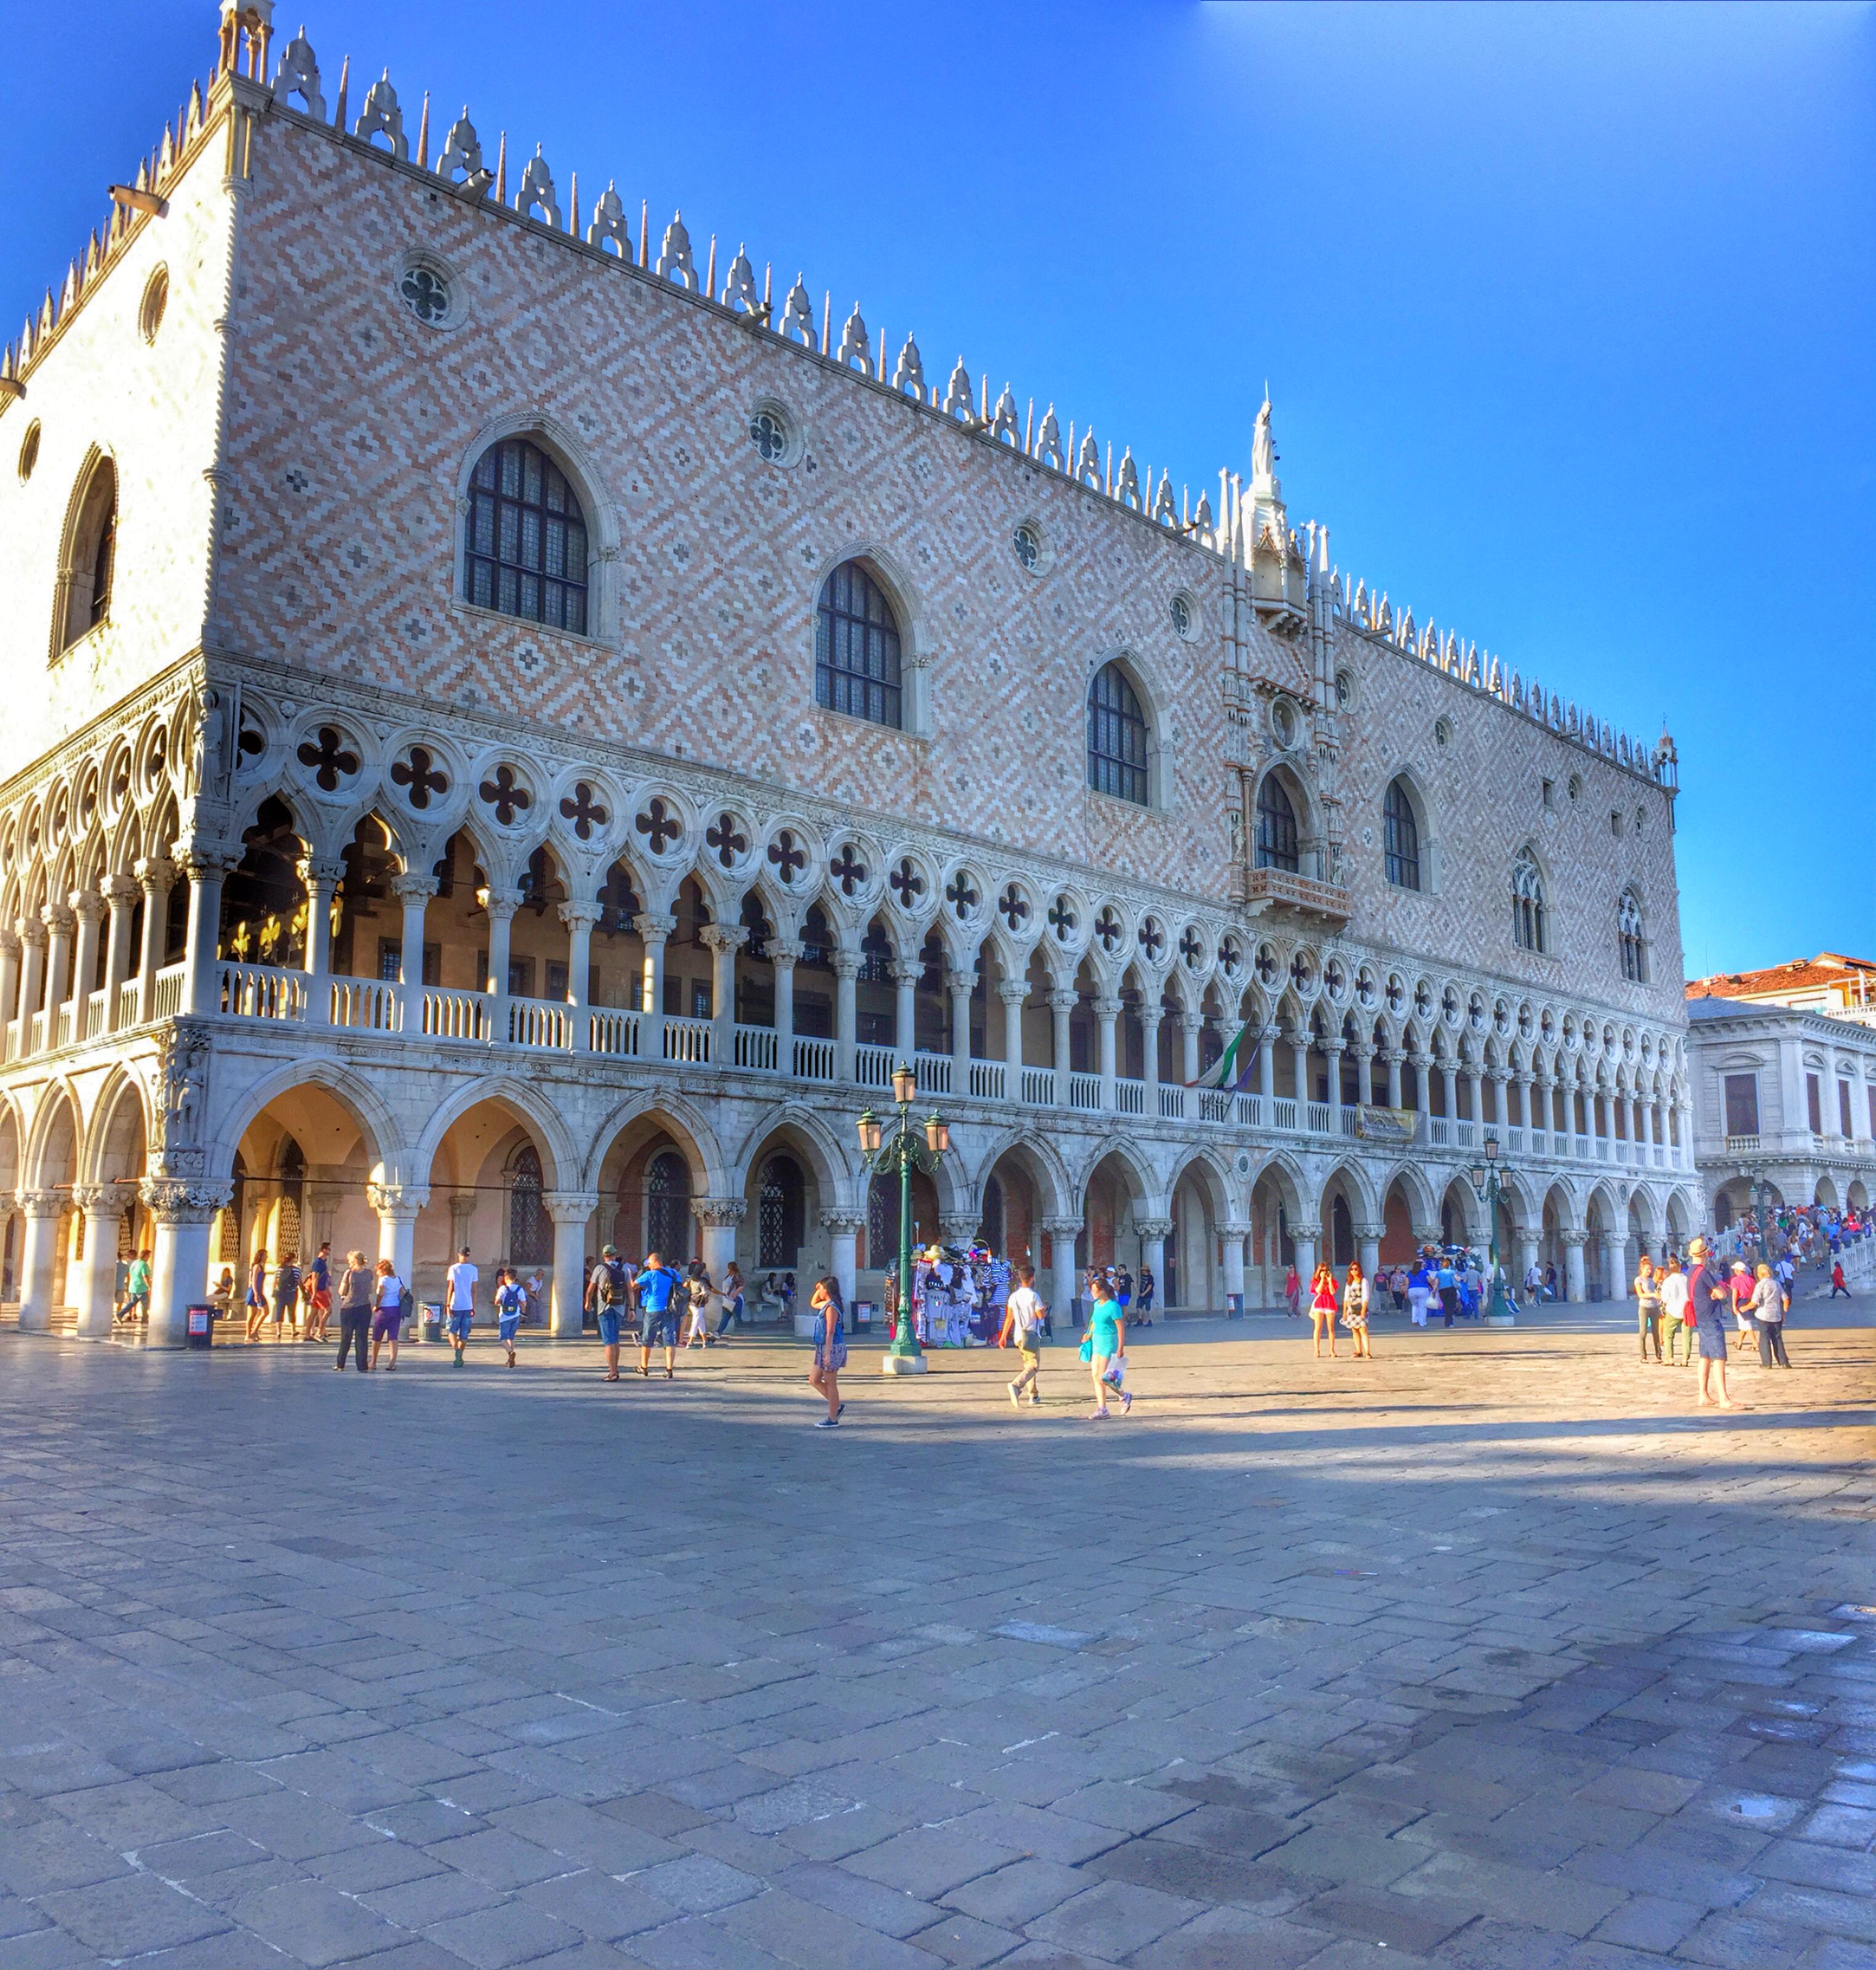 Венеция. Дворец дожей. Источник иллюстрации: Викимедиа